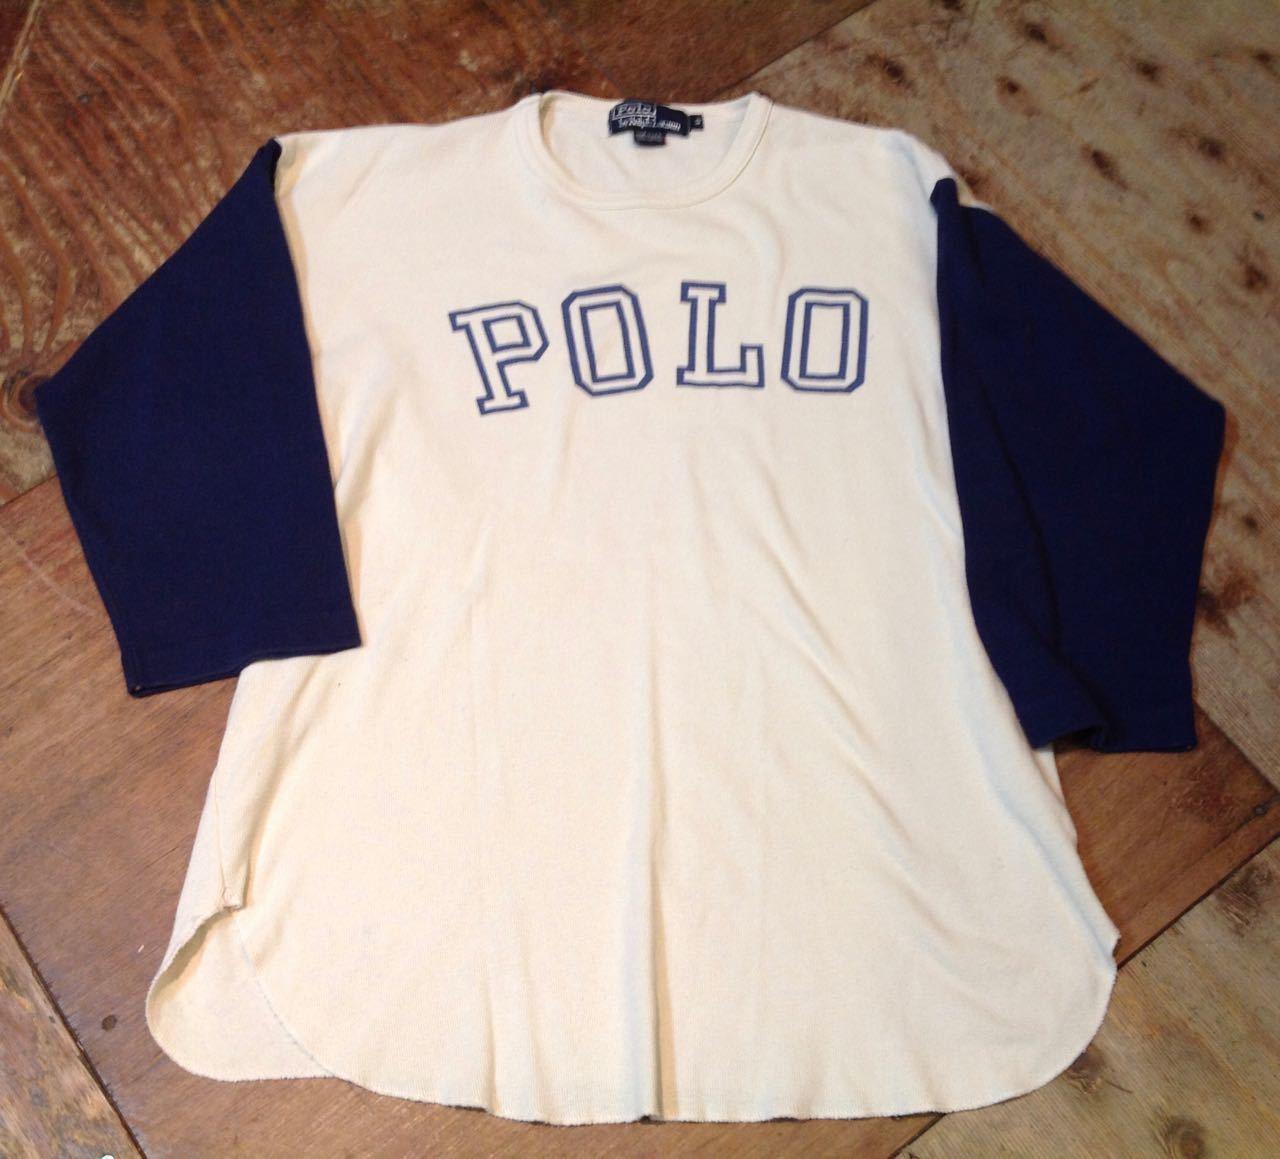 3月28日(土)入荷! 80s 〜Made in U.S.A Polo RalphLauren ロングスリーブTシャツ!_c0144020_14415334.jpg